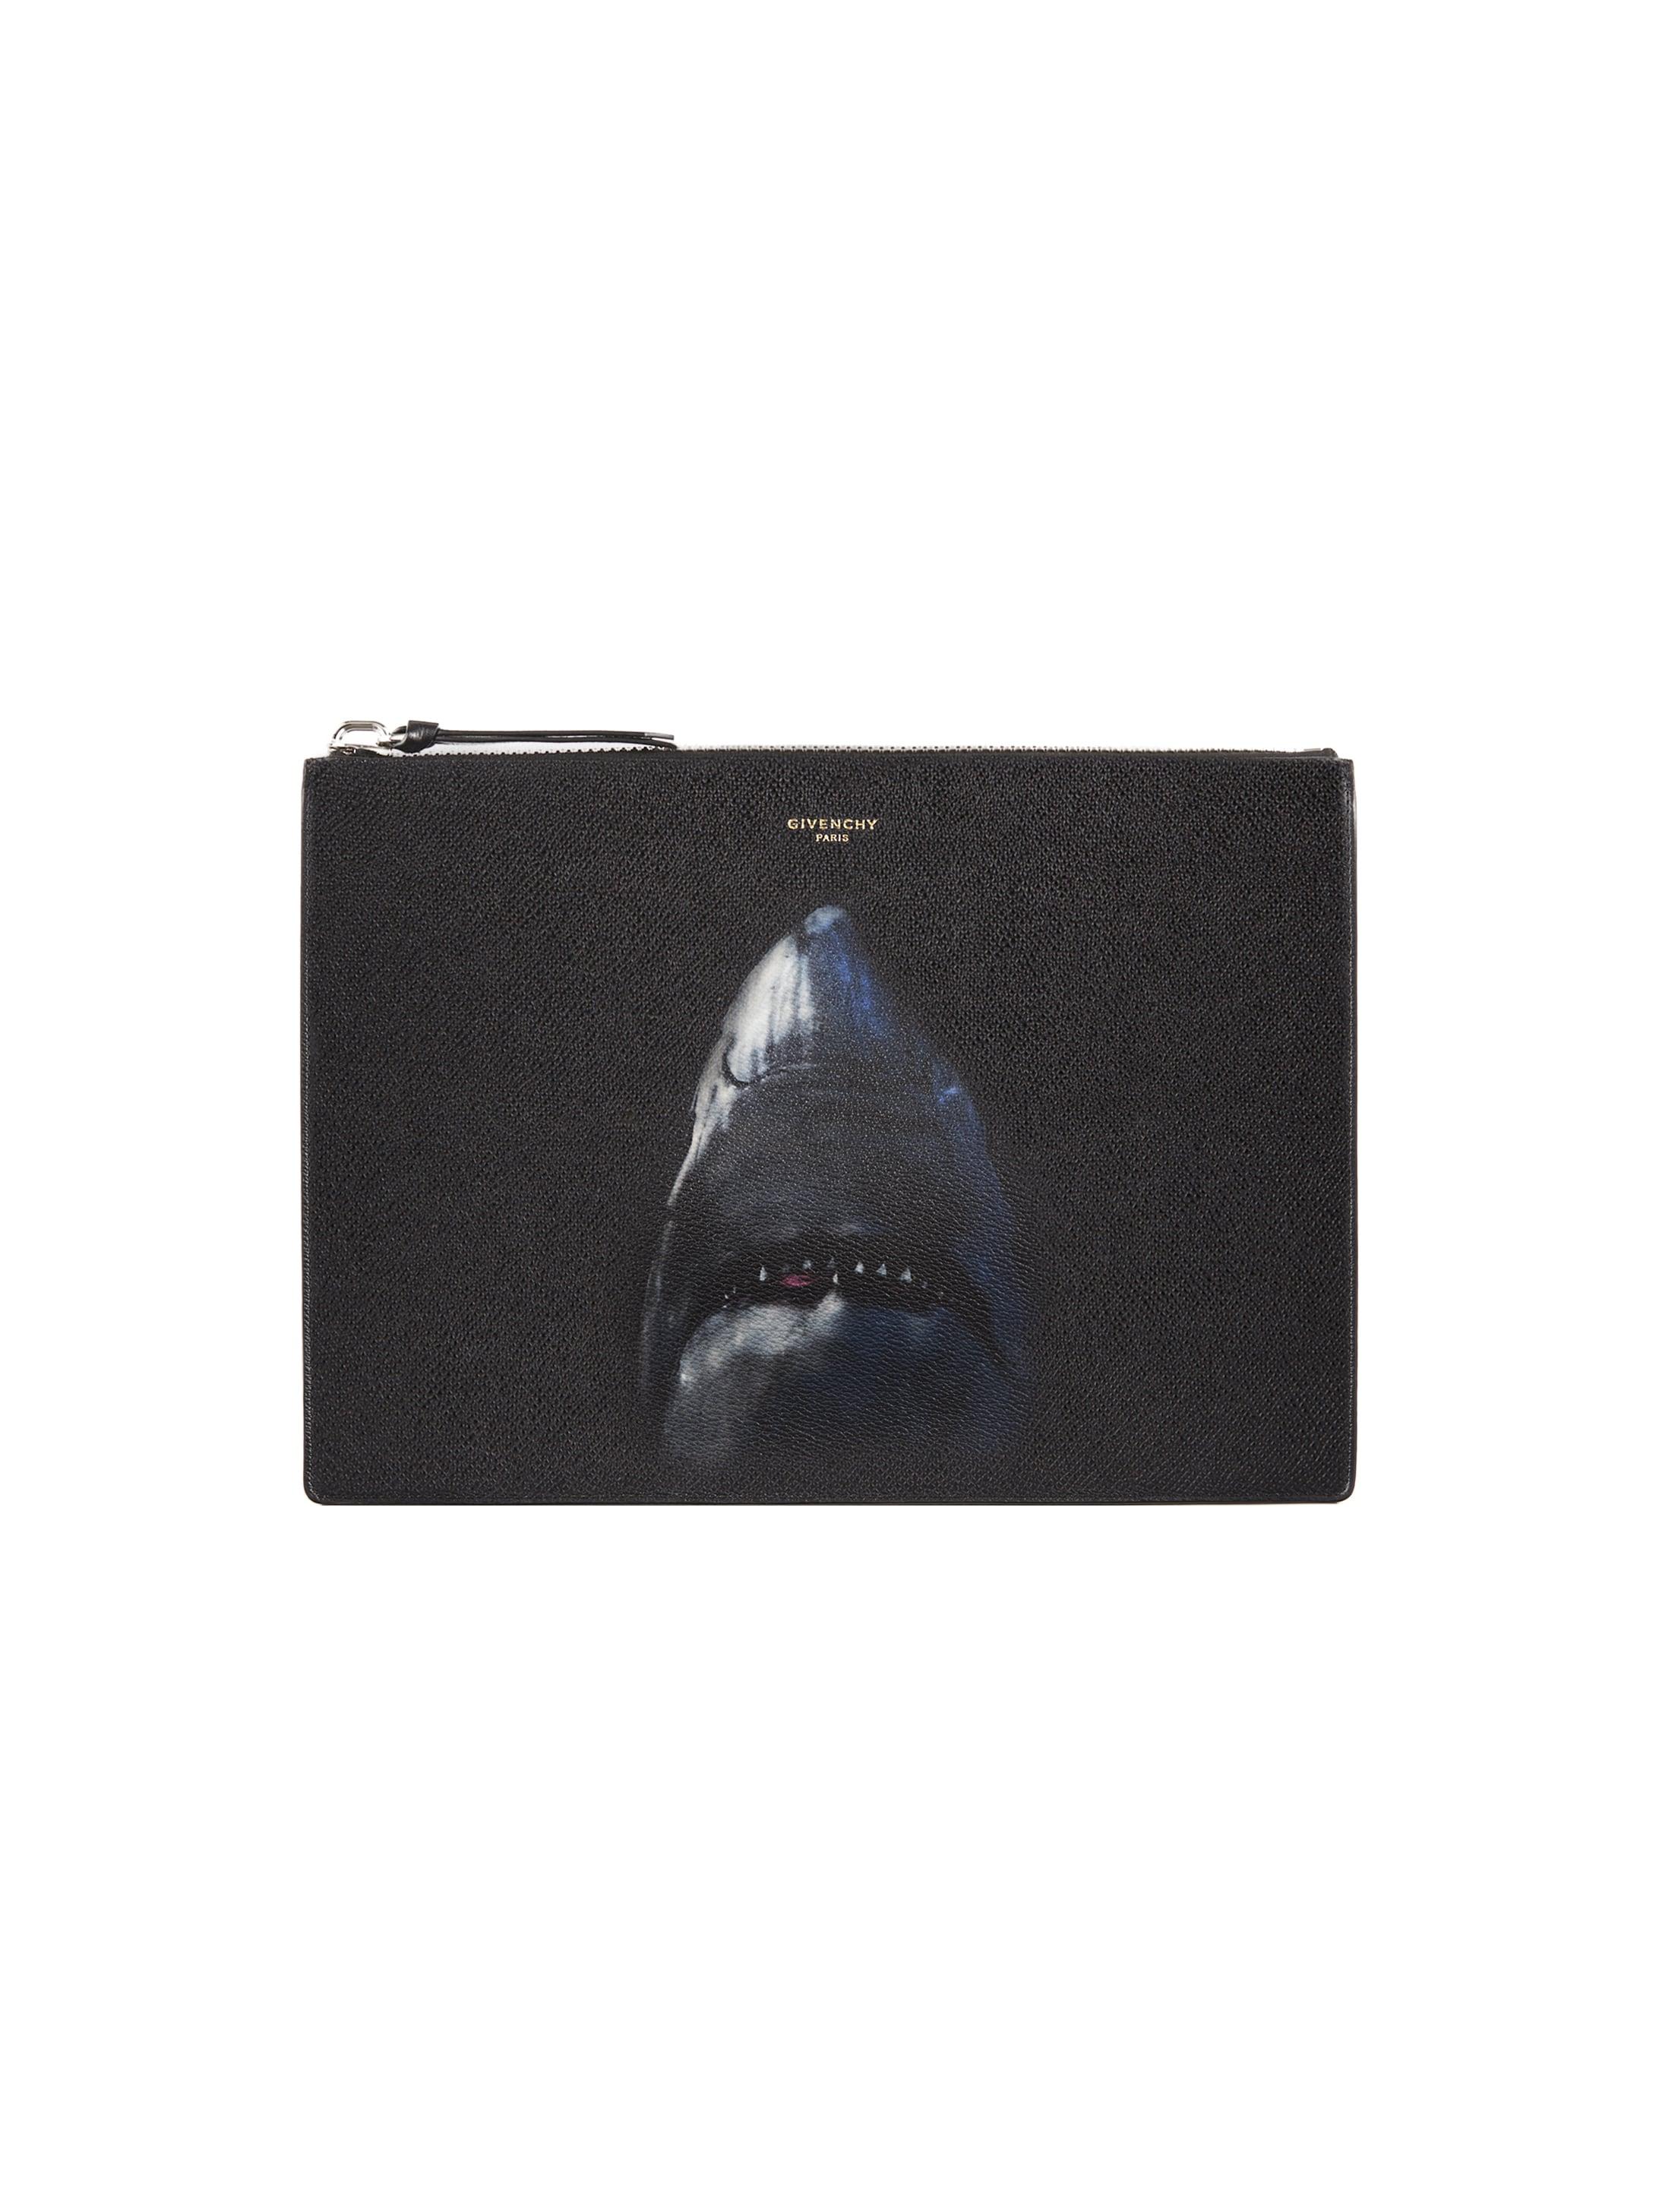 Shark printed document holder